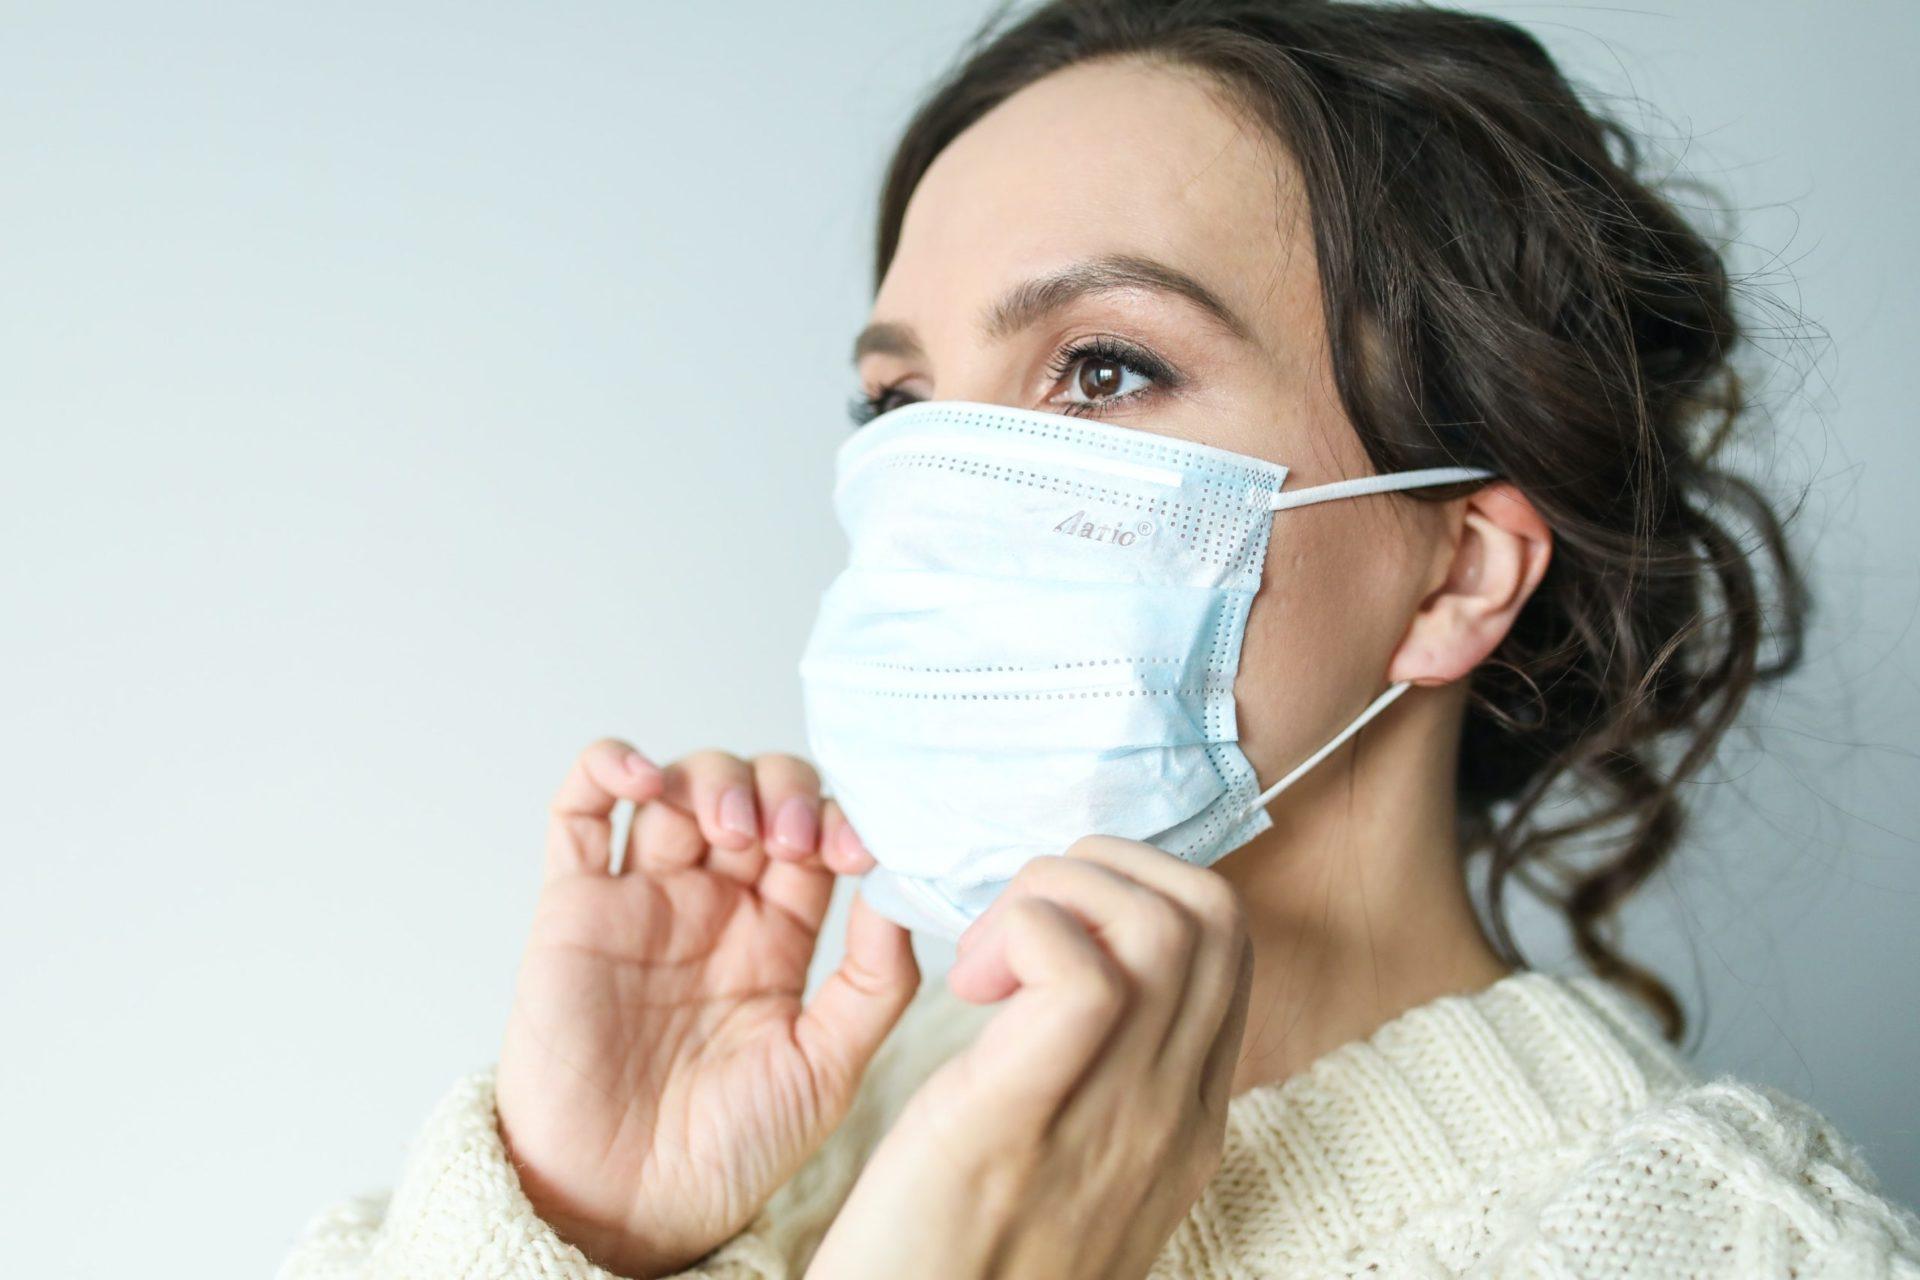 woman in white face mask 3873193 1 scaled - Ohrenschmerzen wegen Mundschutz: Das hilft!